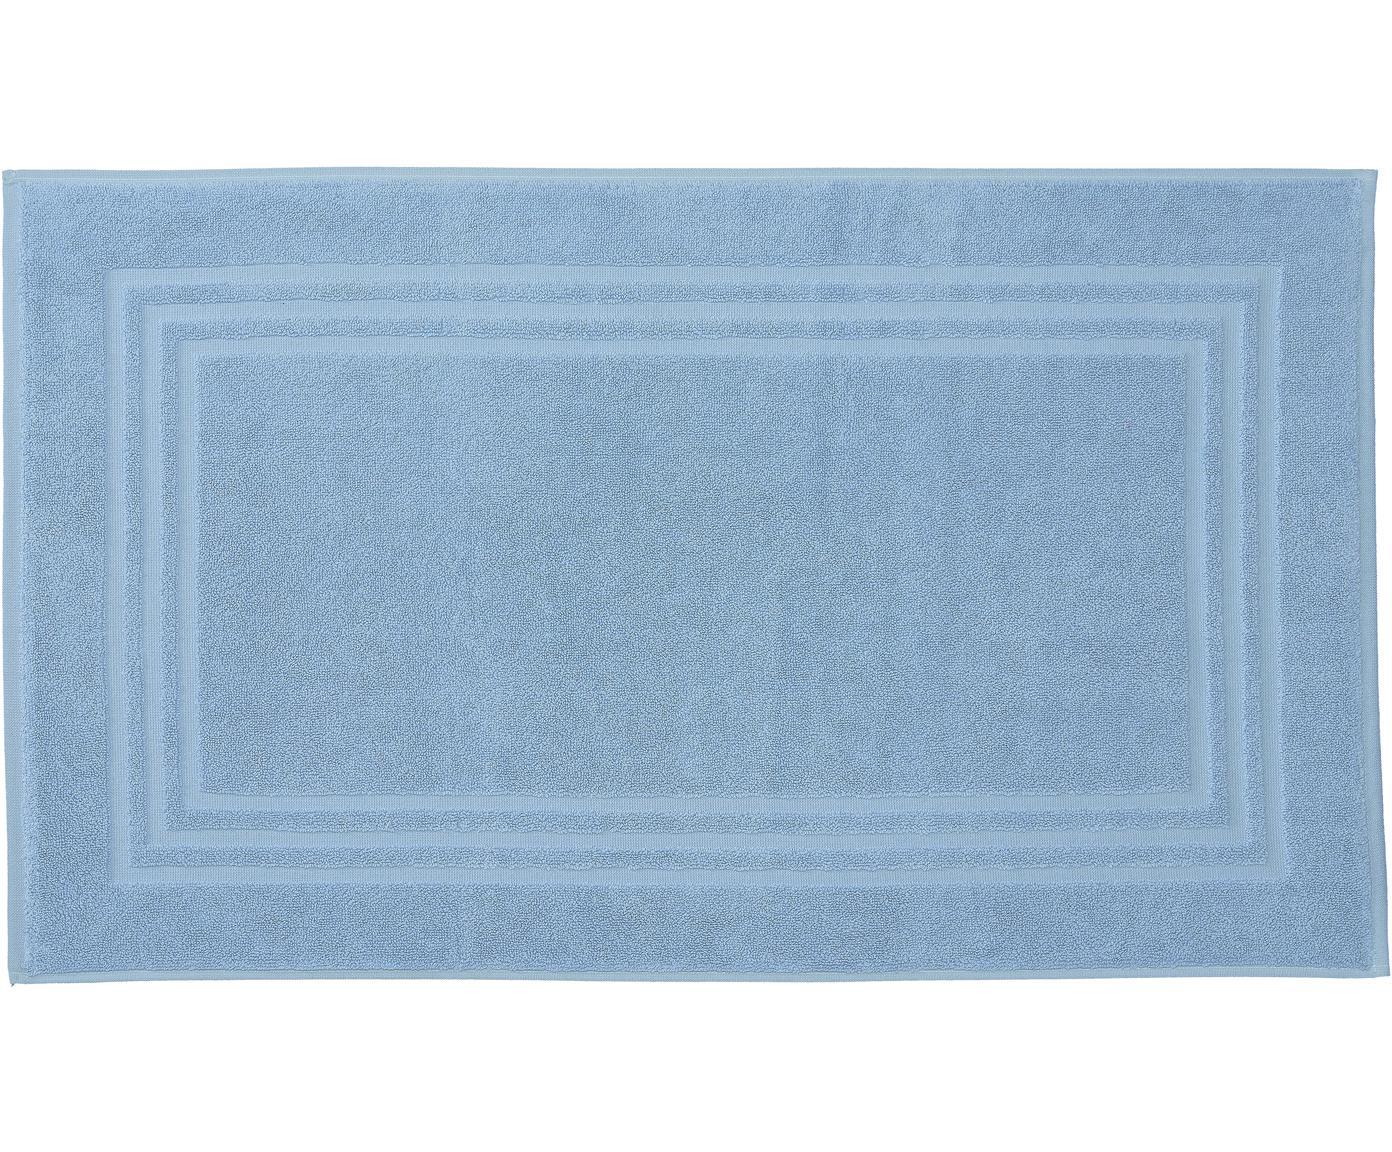 Alfombrilla de baño Gentle, Algodón, Azul hielo, An 50 x L 80 cm